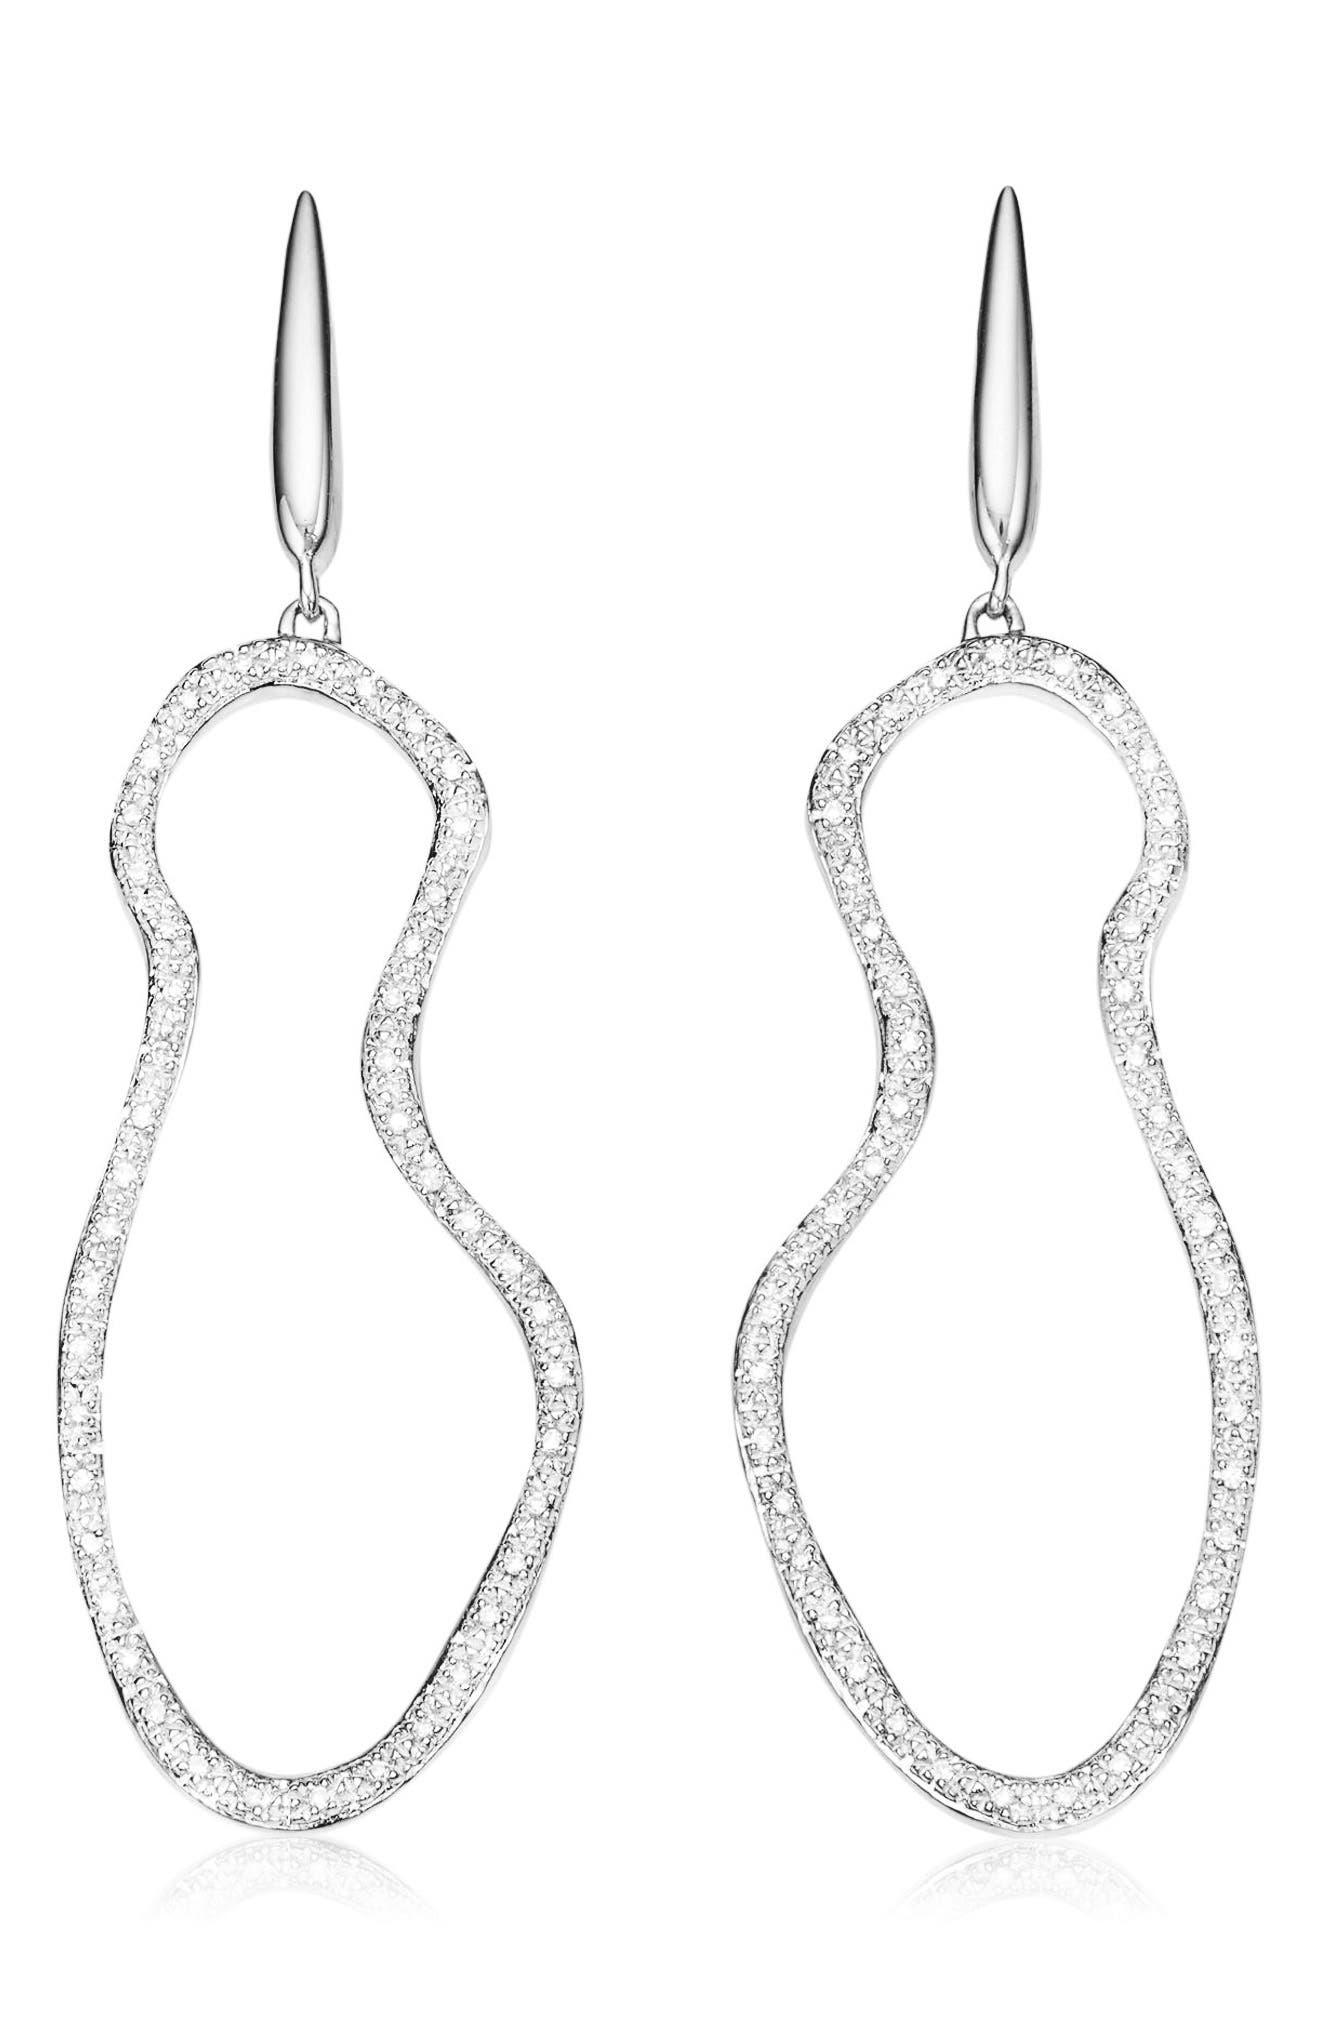 Monica Vinader Riva Pod Diamond Cocktail Earrings